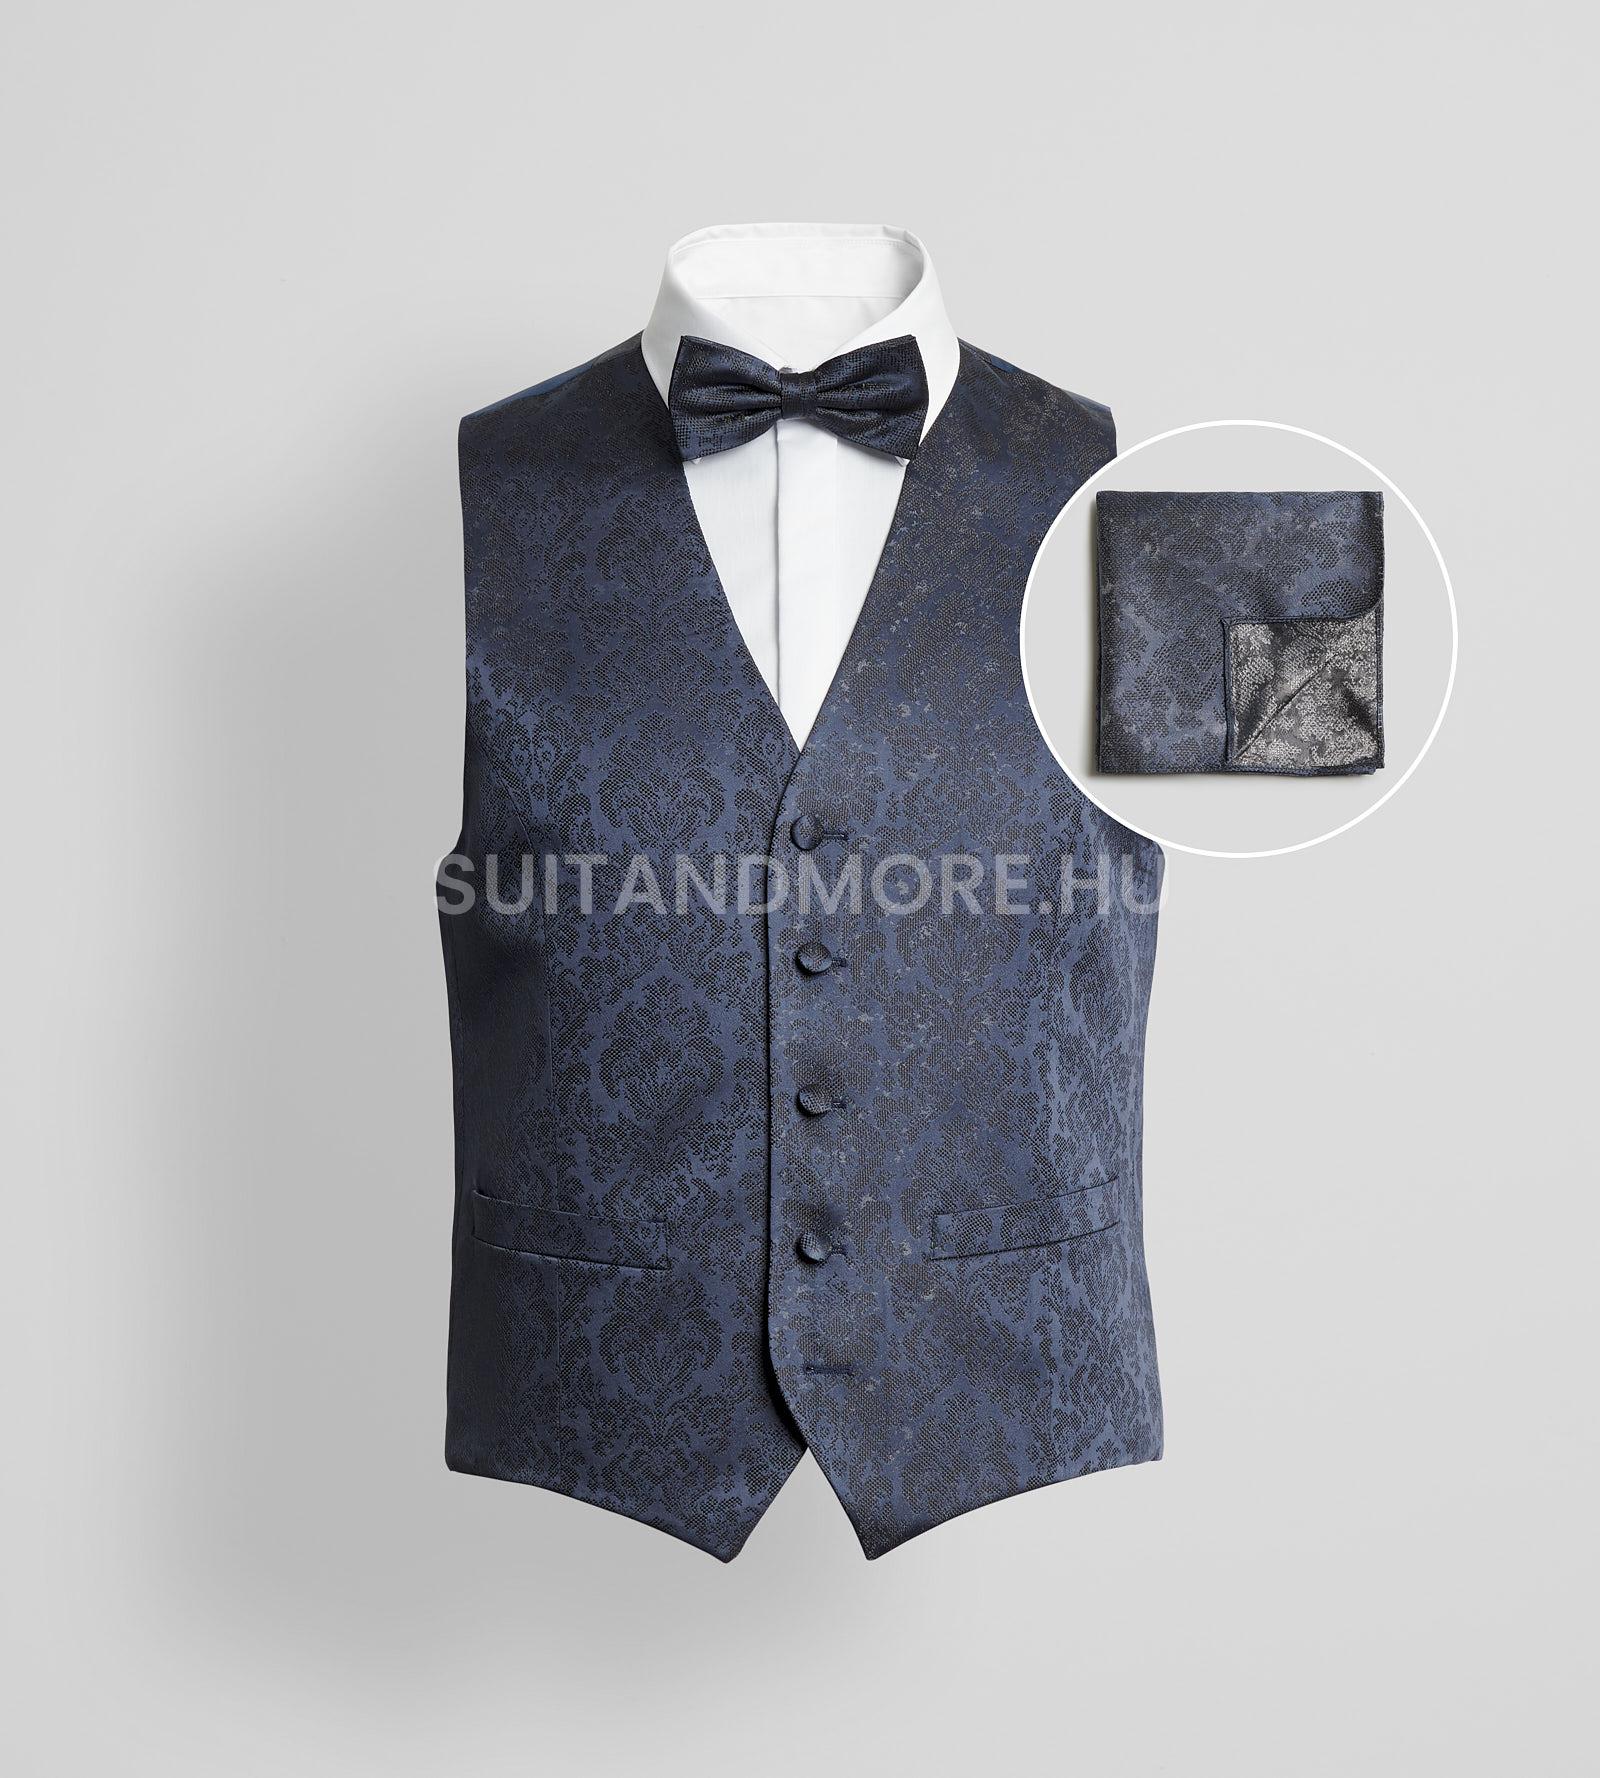 DIGEL-CEREMONY-sötétkék-modern-fit-barokk-mintás-esküvői-mellény-LAMBERT-1006916-24-LOY-LESS-1008916-24-02